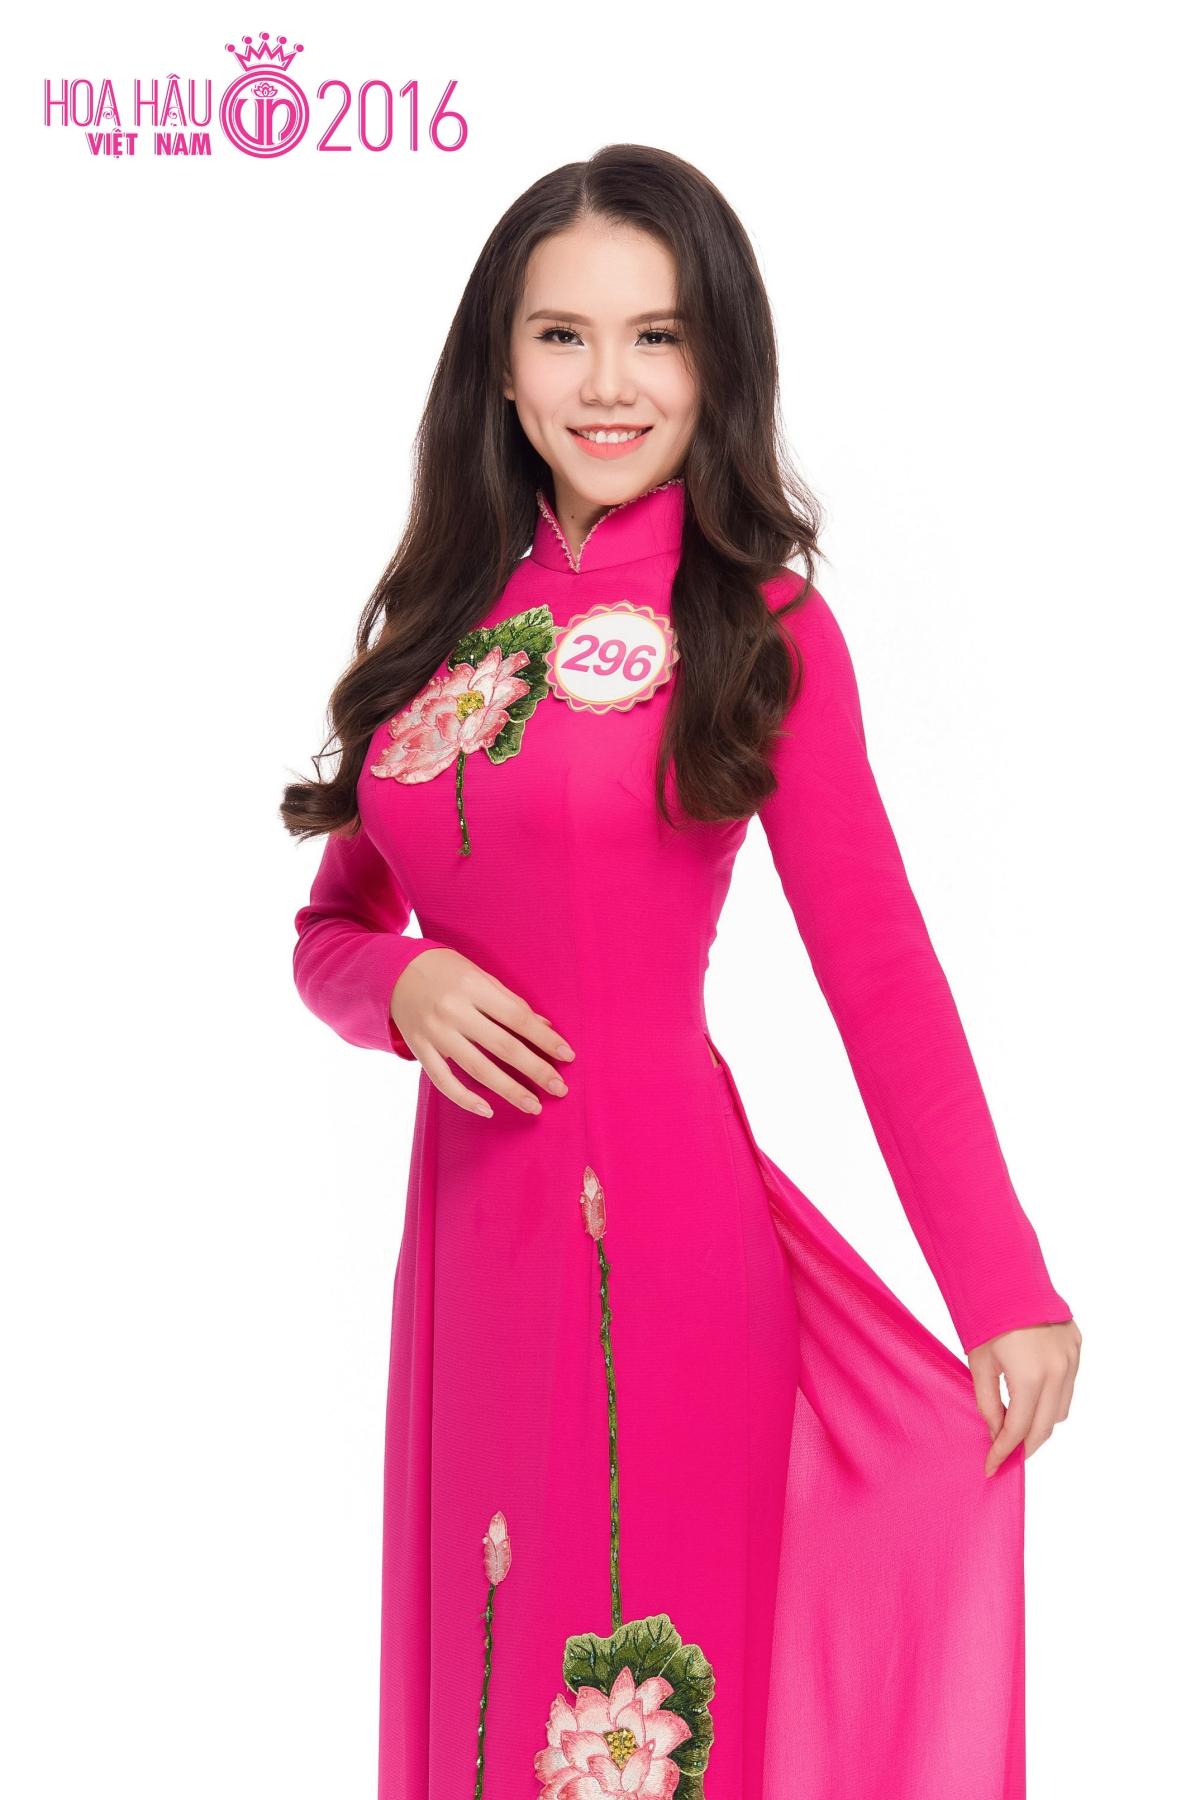 Thí sinh Trịnh Phương Trang